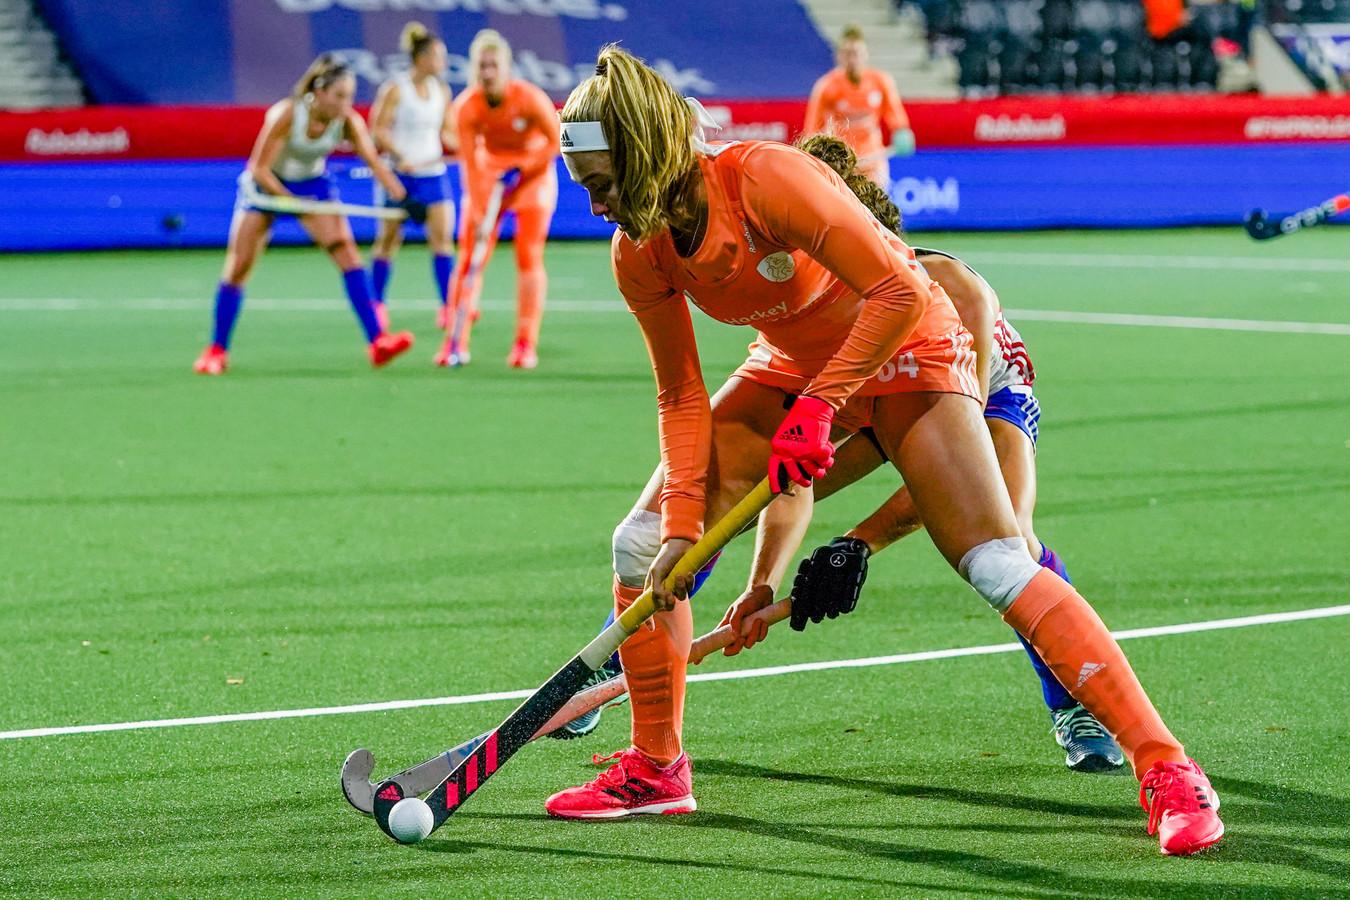 Doelpuntenmaakster Pien Dicke houdt haar tegenstander van de bal.